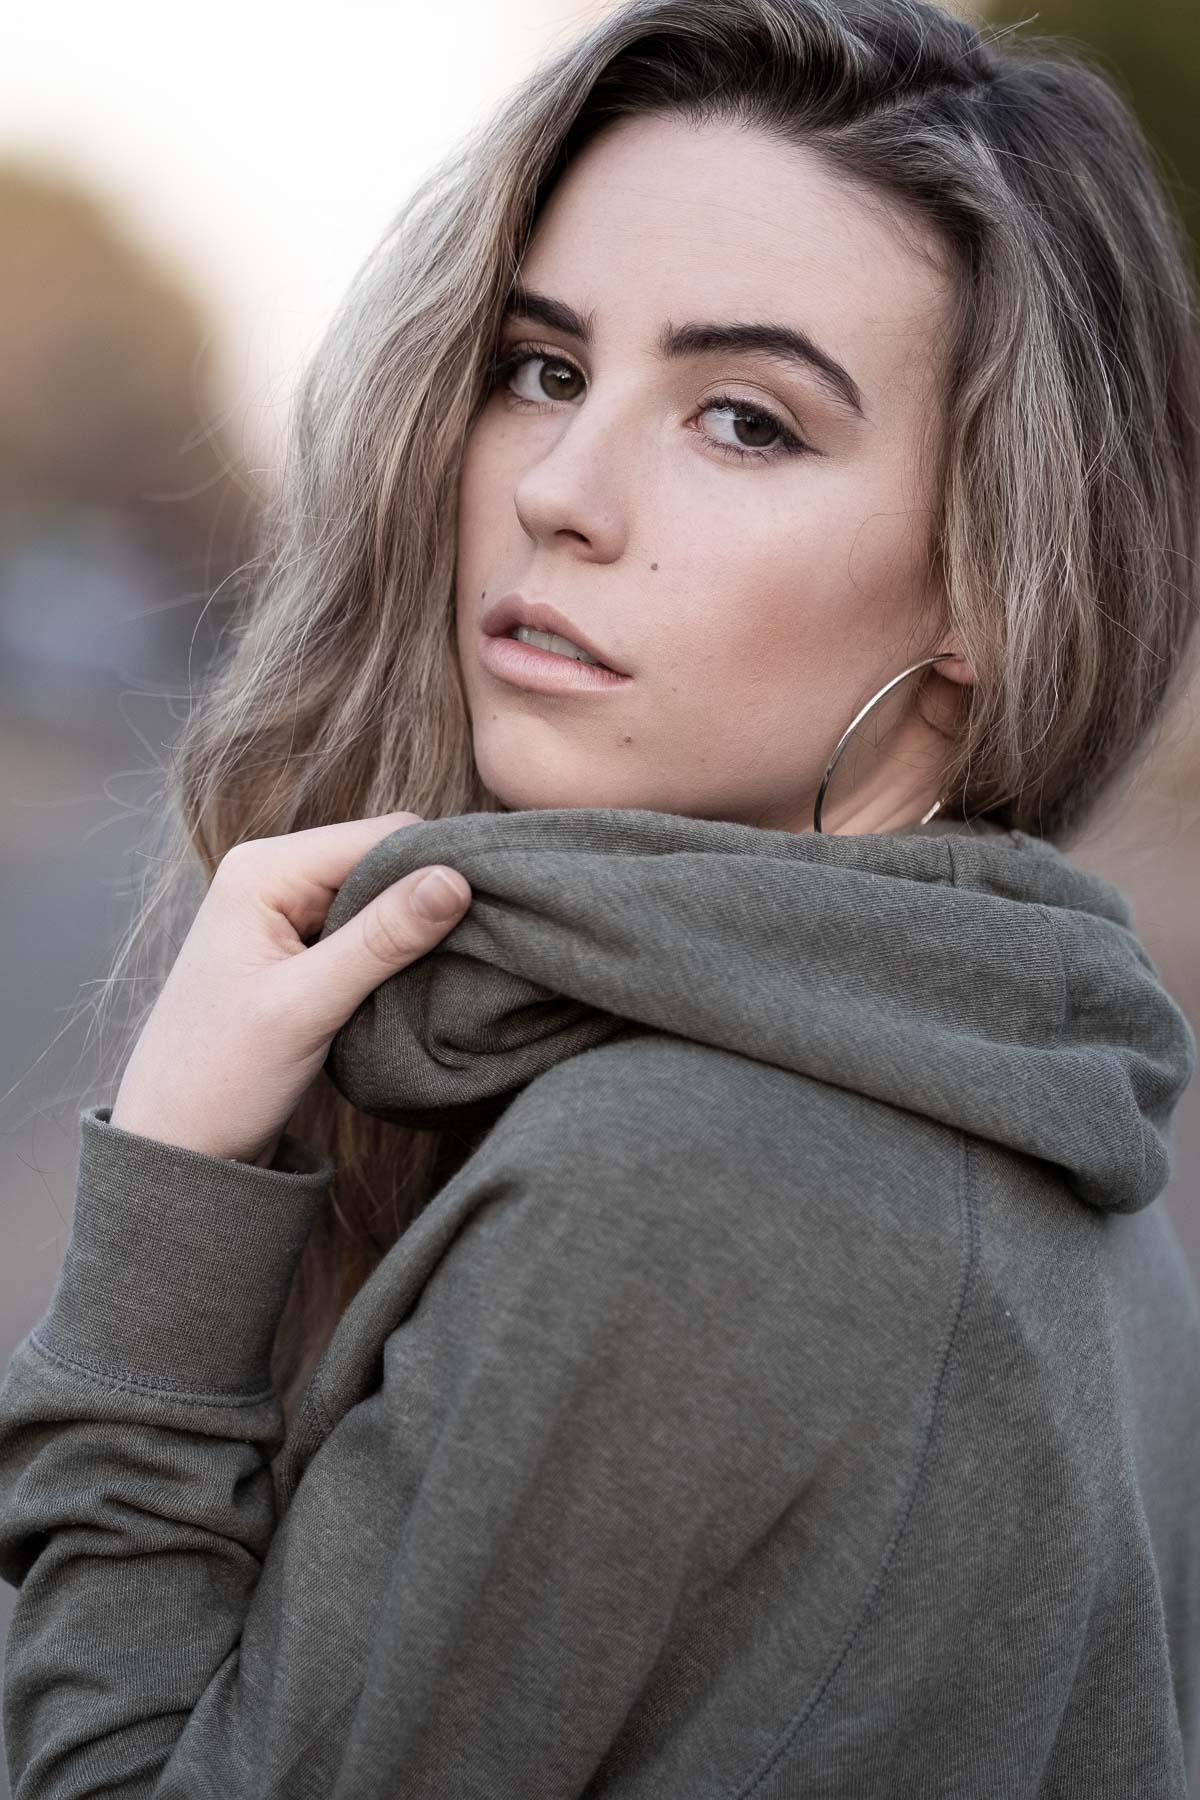 Paige - Lifestyle - Cath Tatham Photography